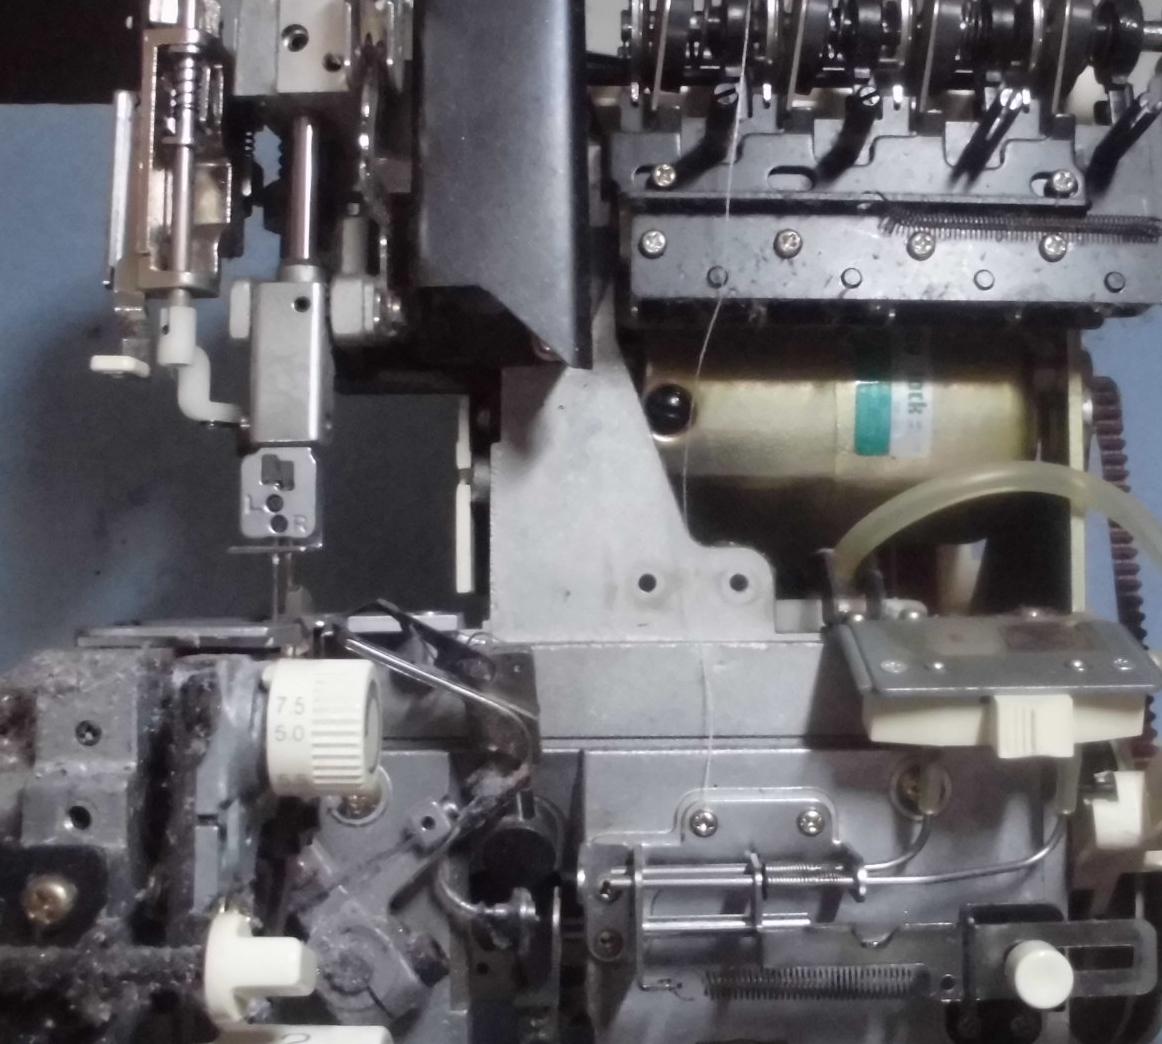 衣縫人の分解オーバーホールメンテナンス|ジューキベビーロックミシン